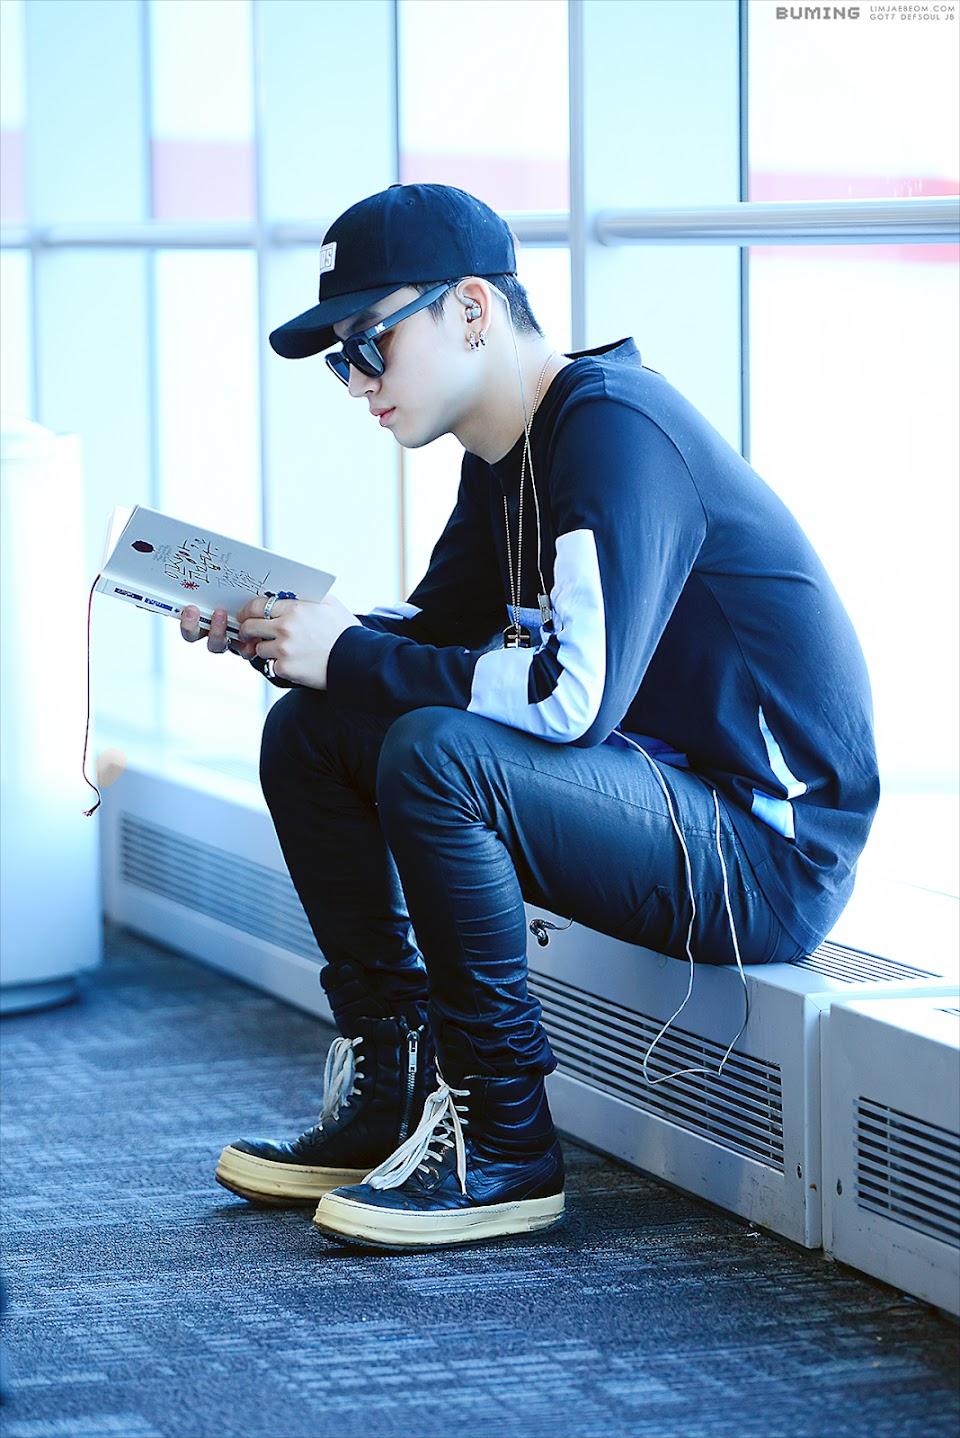 jb reading